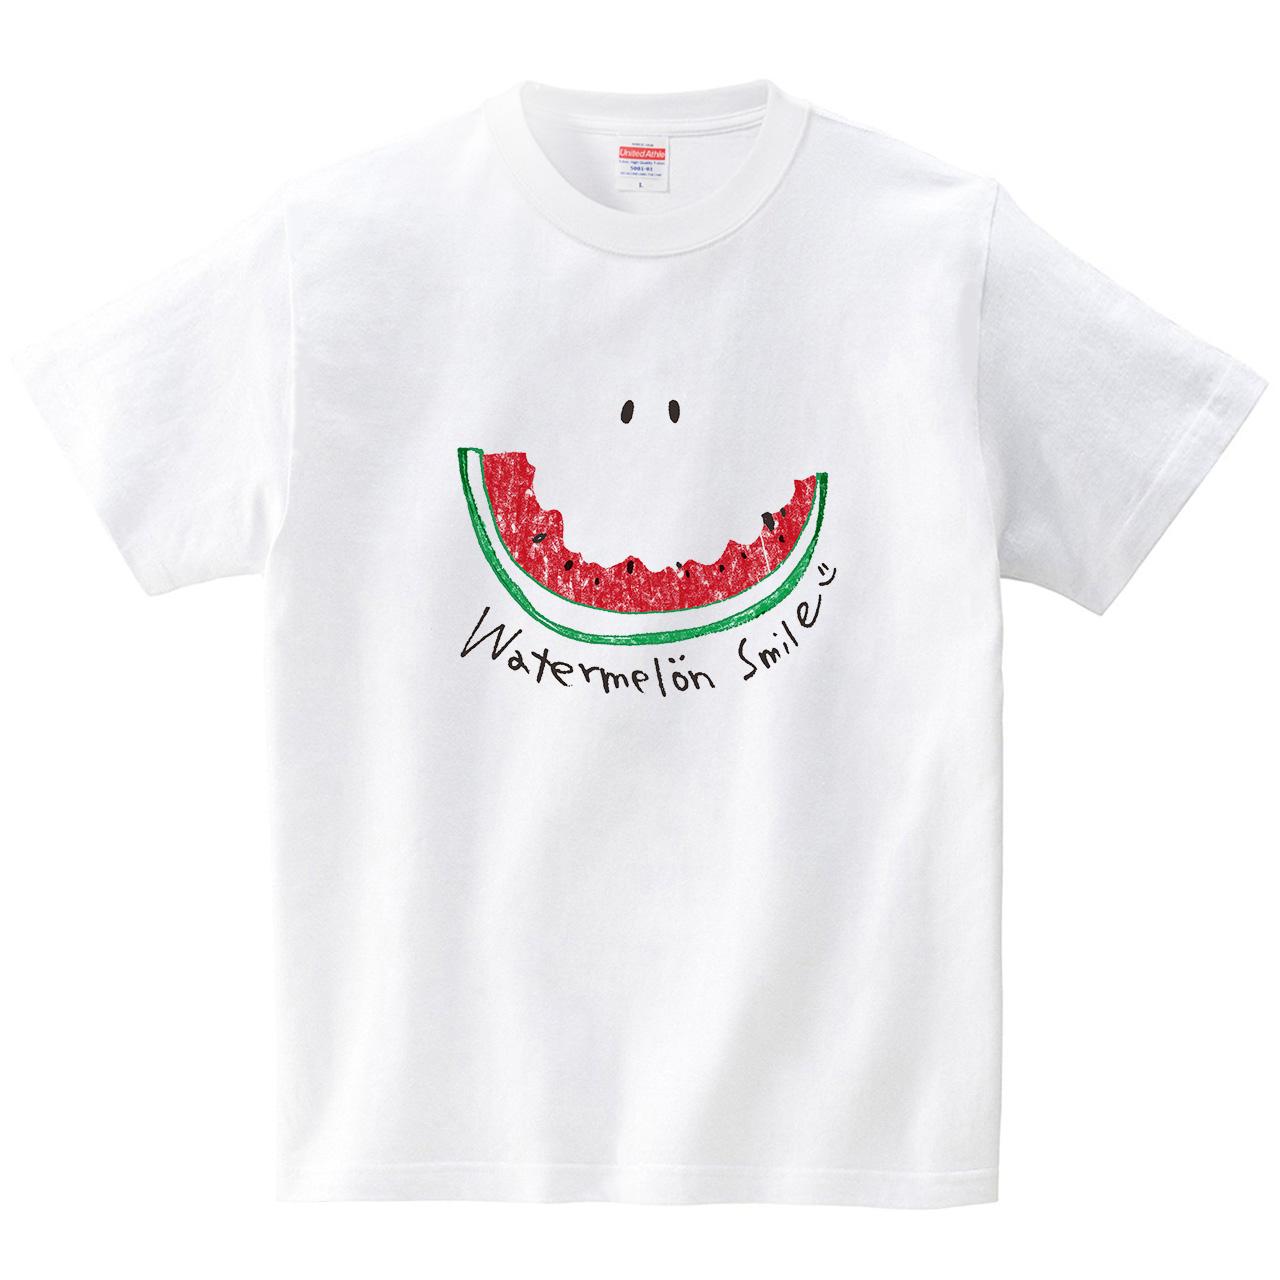 スイカスマイル(Tシャツ・ホワイト)(SUMIRE)